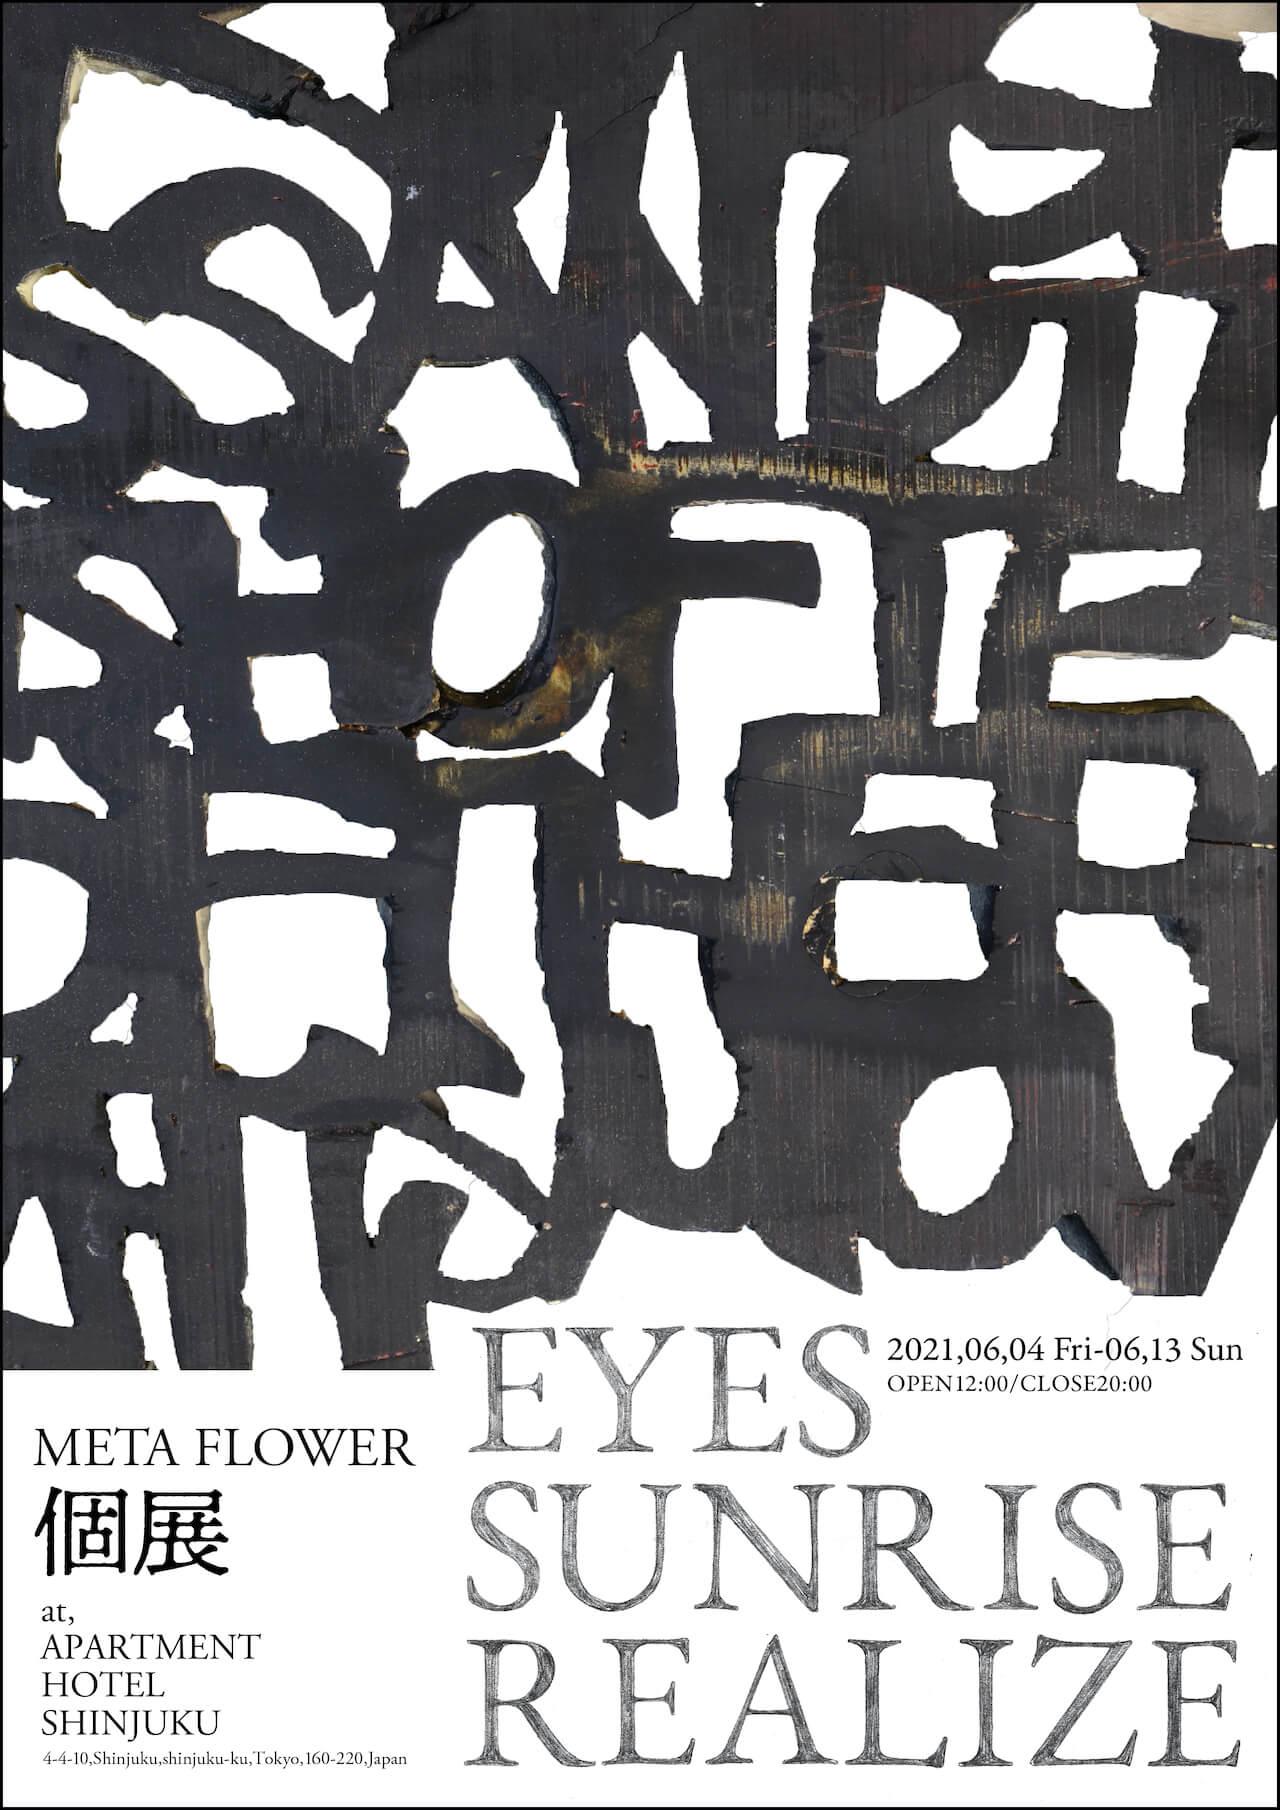 ラッパー/彫刻家・META FLOWERによる展示「EYES SUNRISE REALIZE」が開催 レセプションにSLOWCURV、BUSHMIND、MEJIRO St. BOYZ、ill-SUGIら art-culture210531-metaflower-eyessunriserealize-2